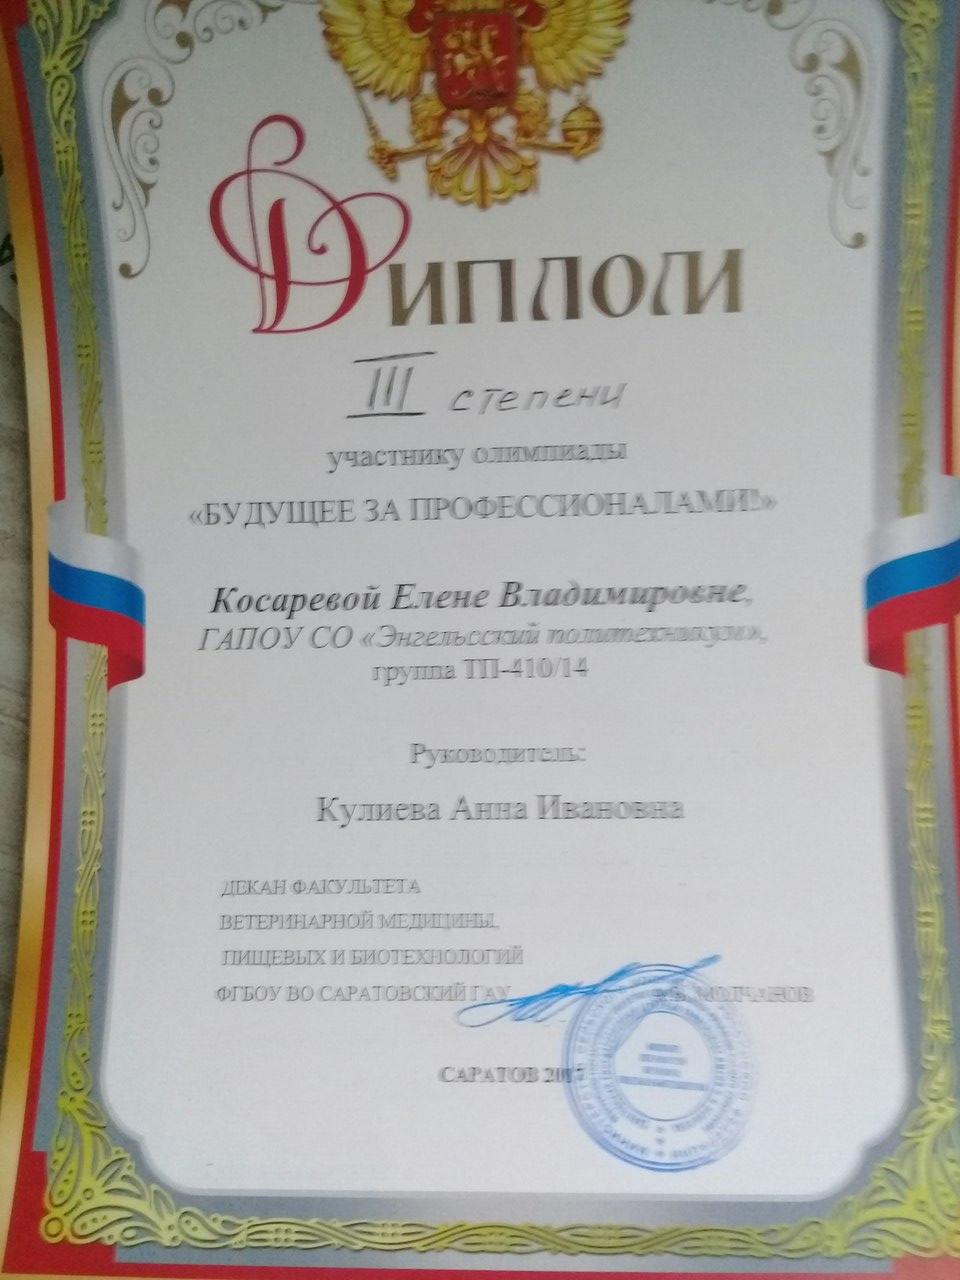 http://politehnikum-eng.ru/2017/12_18/11.jpg